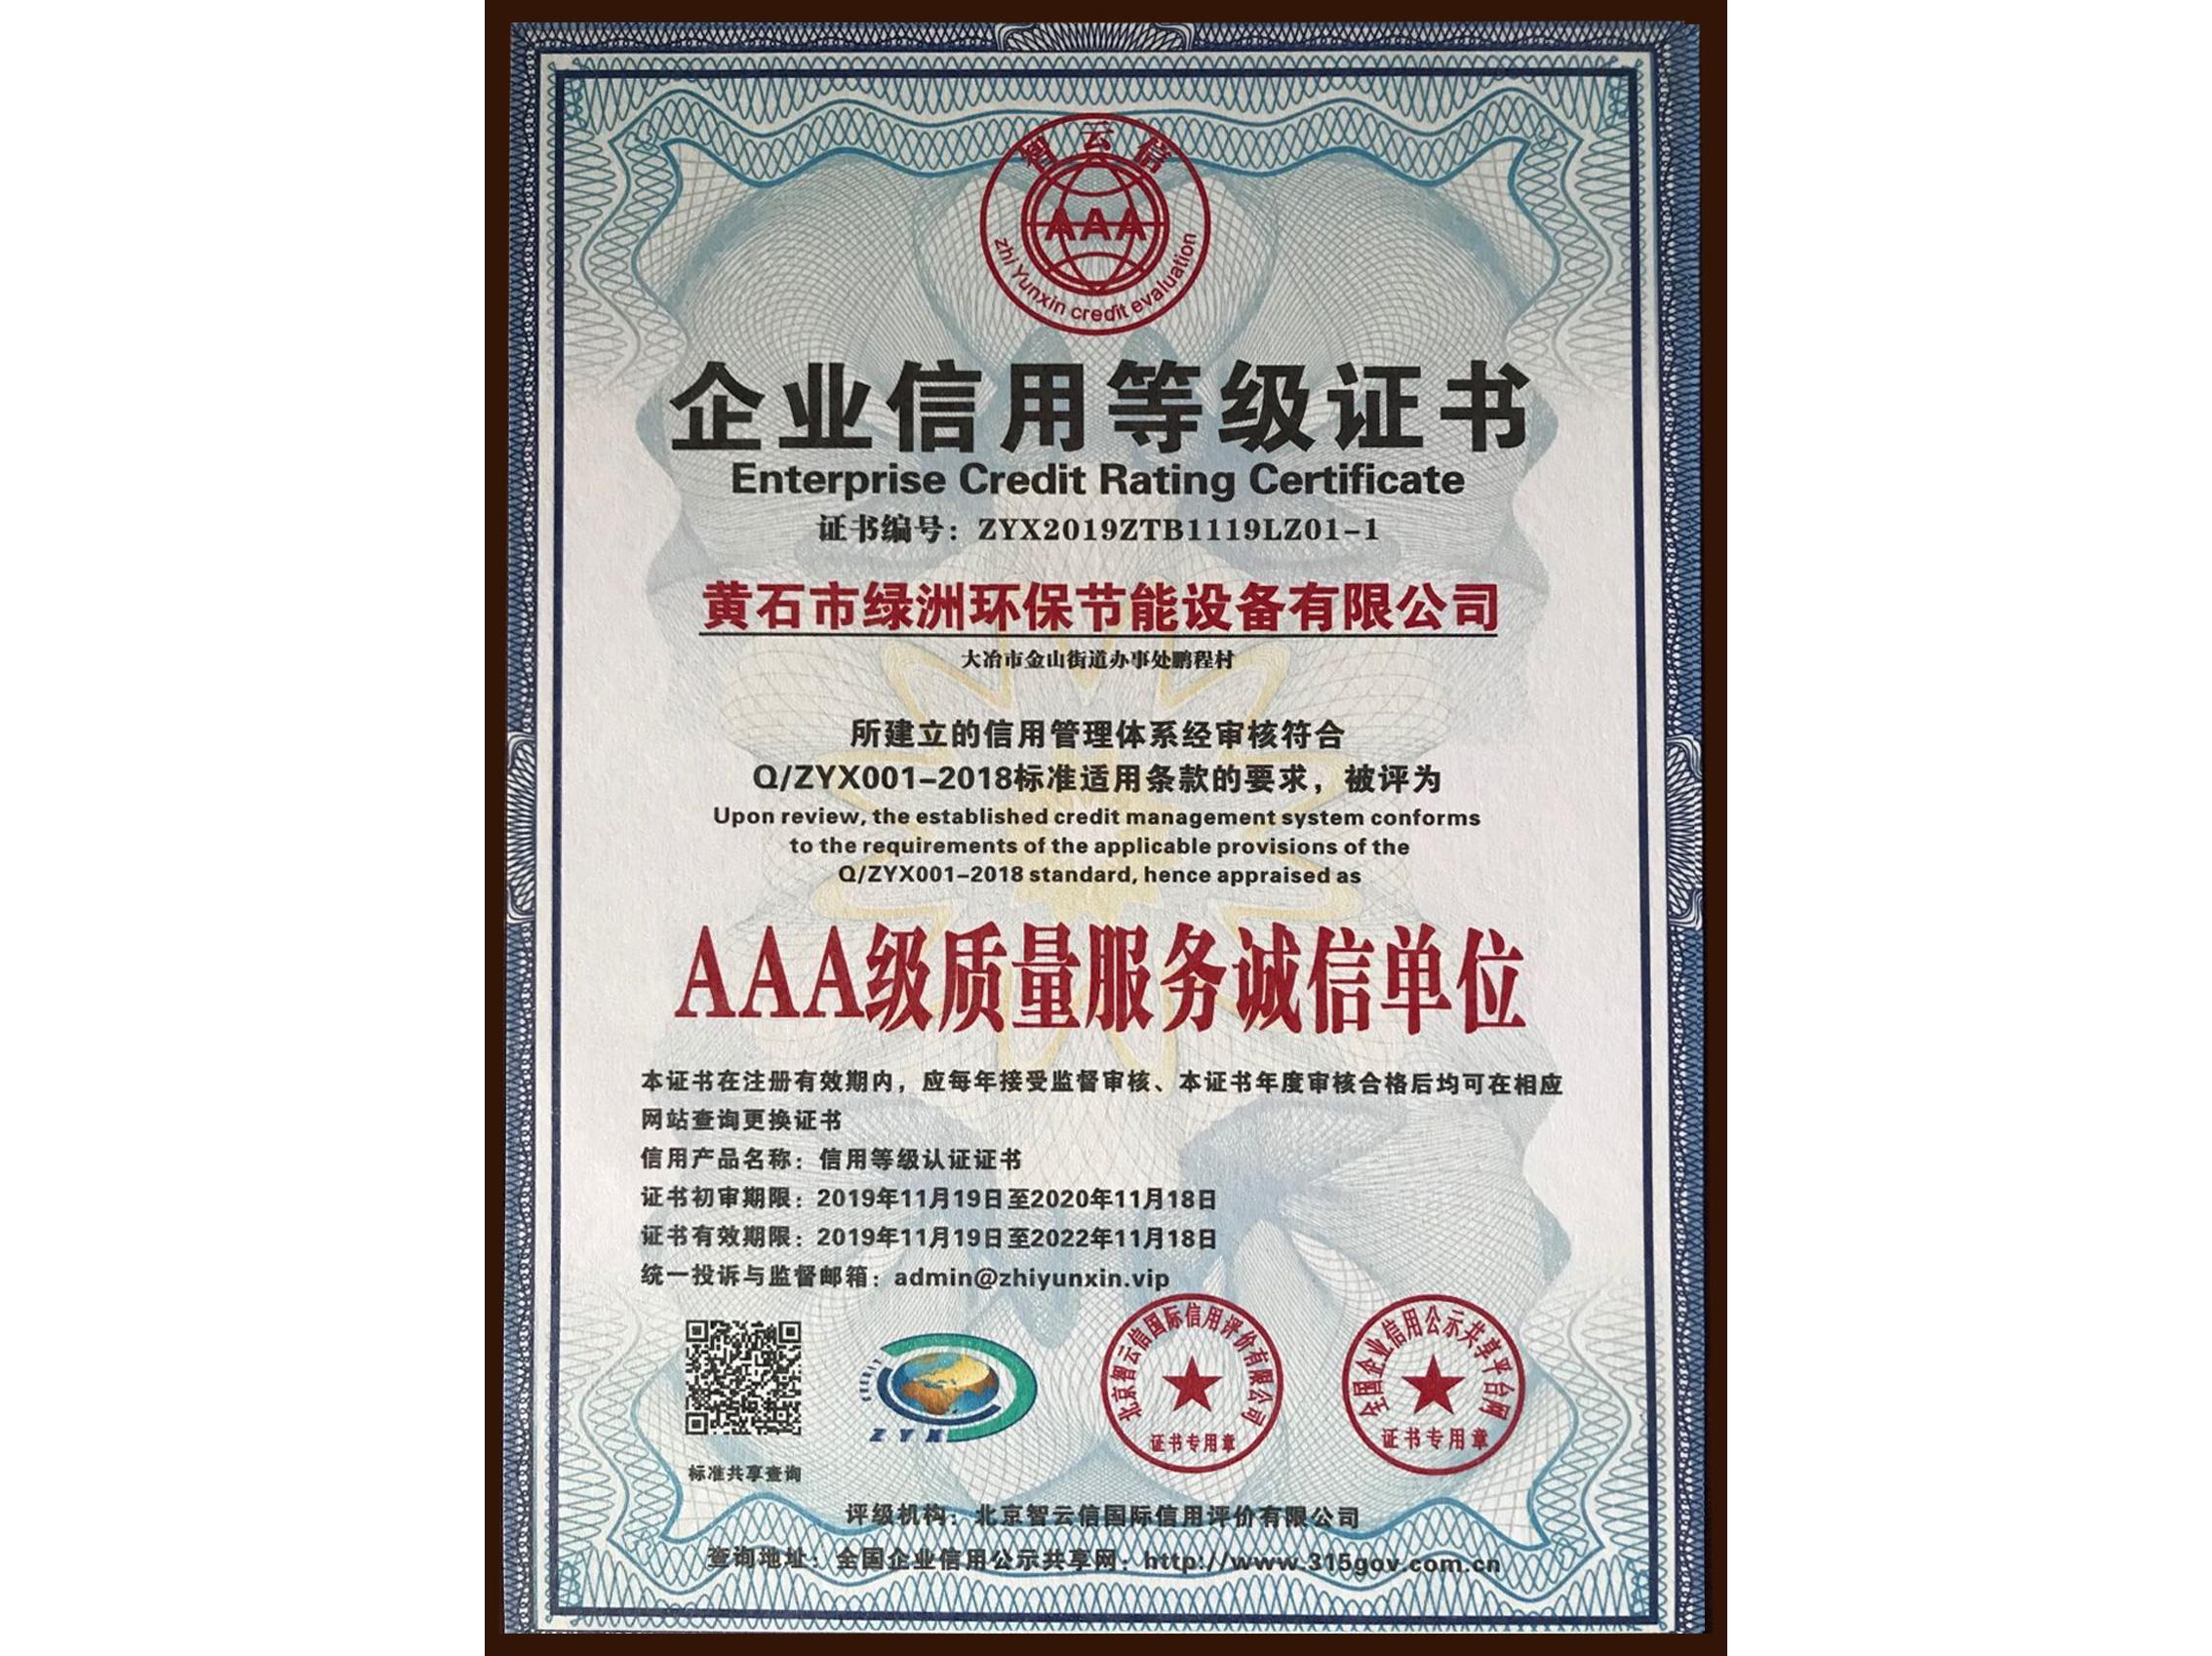 AAA級質量服務誠信單位